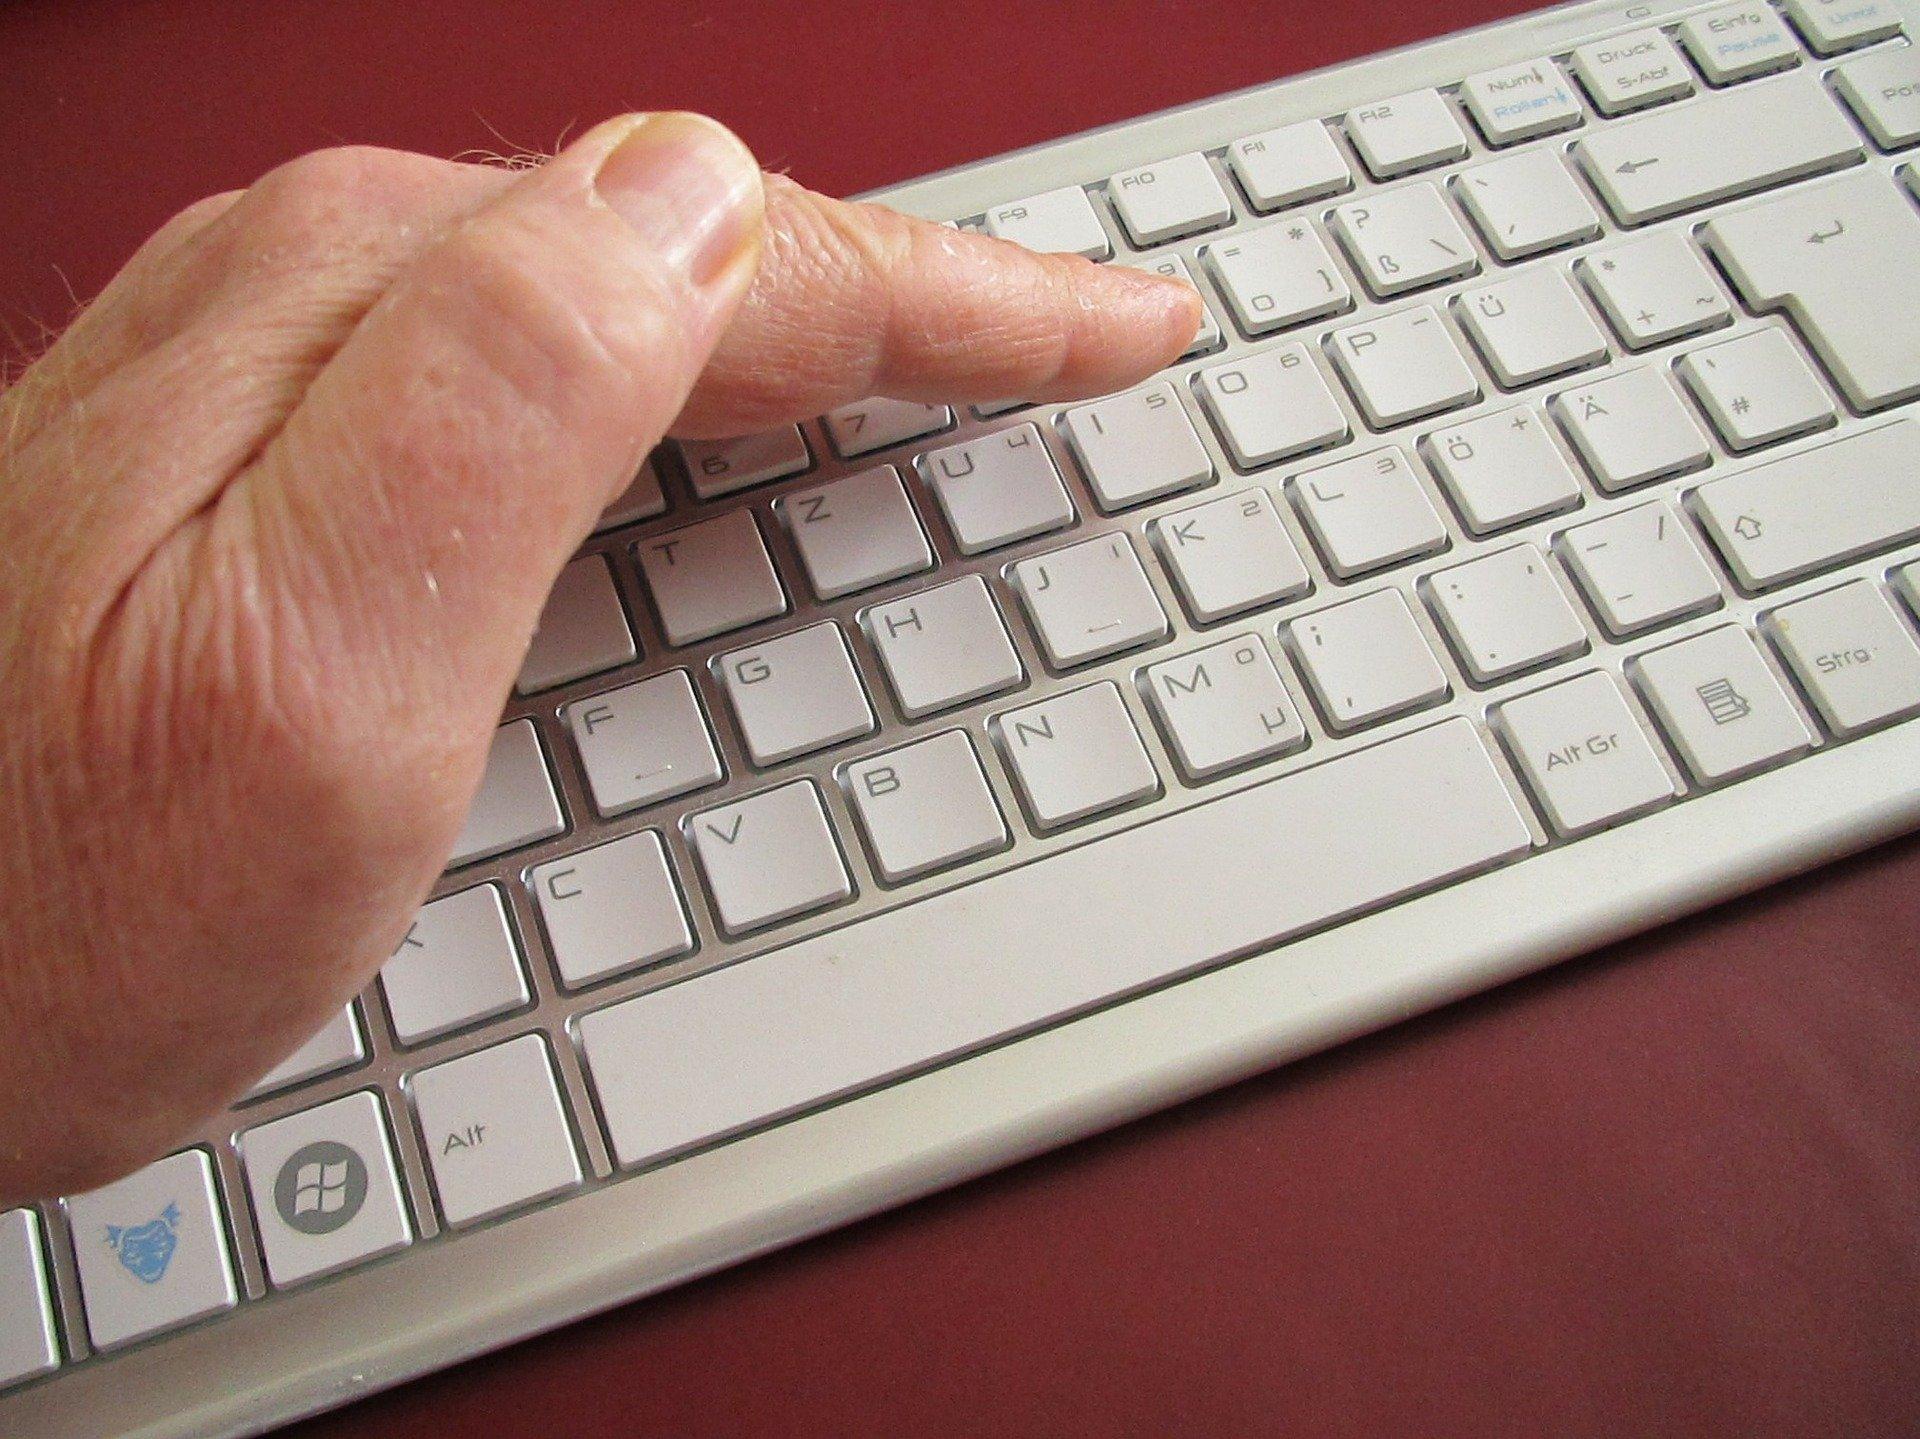 הגנה על מידע רגיש בהתקנים ניידים